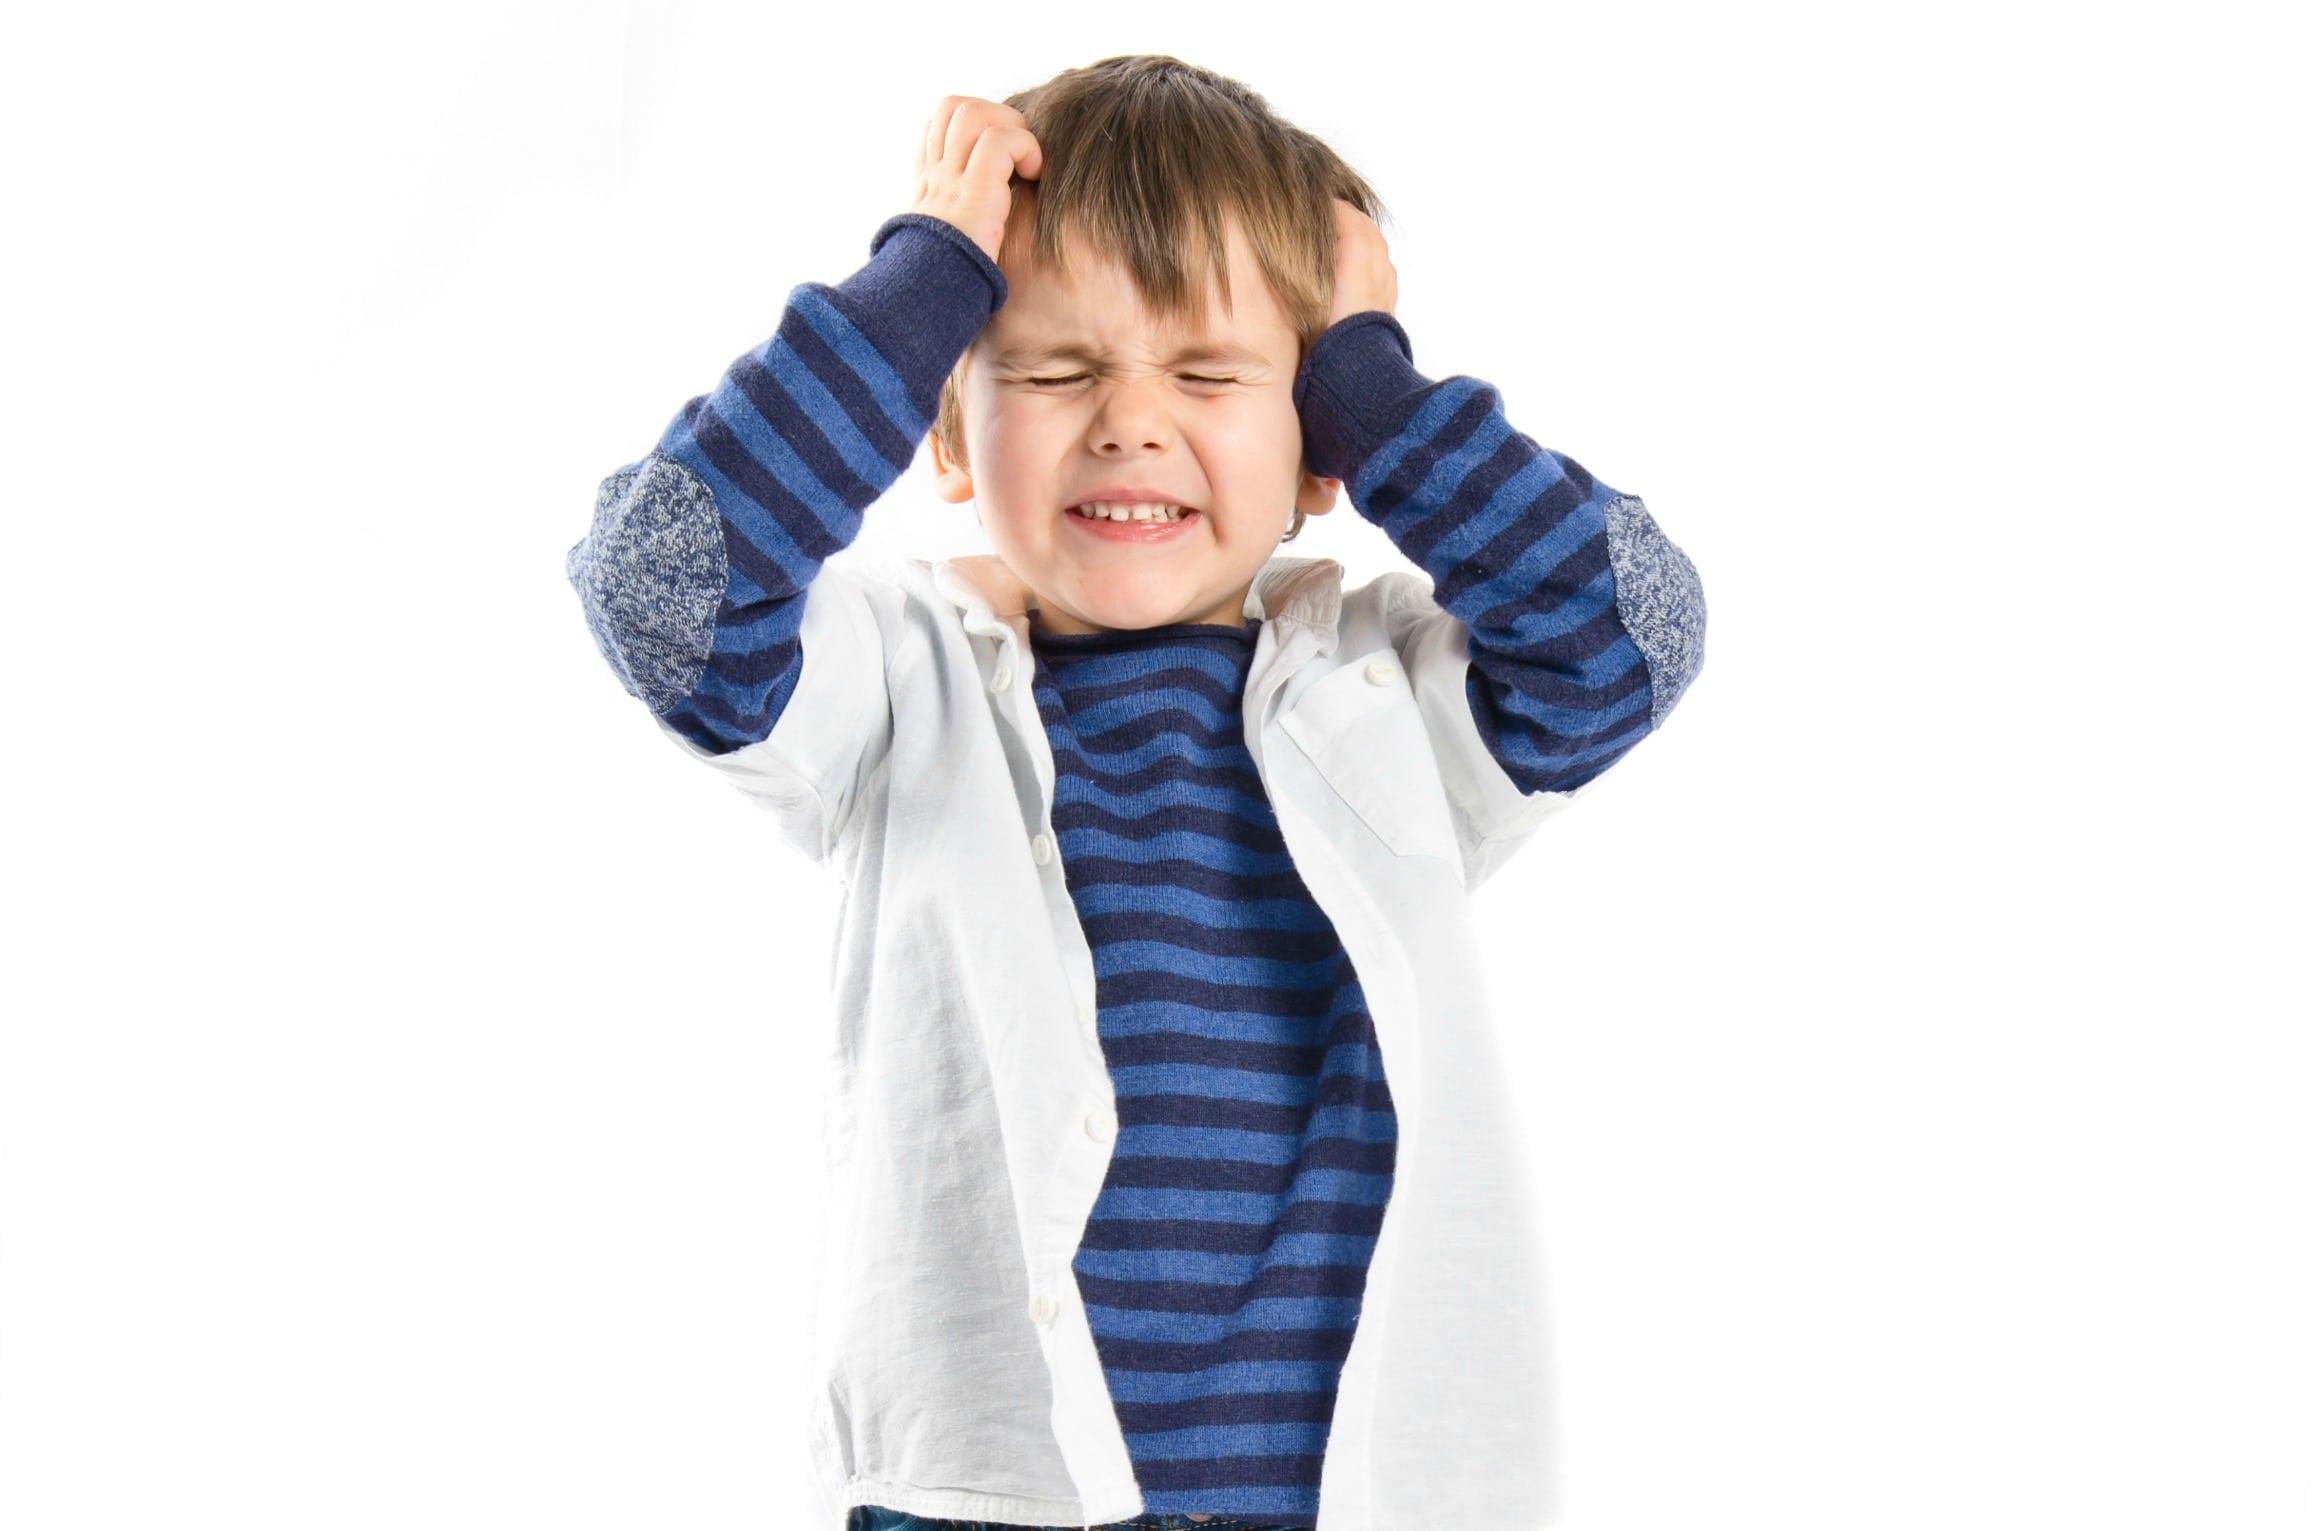 کمک به بچه ها برای کنار آمدن با عصبانیت